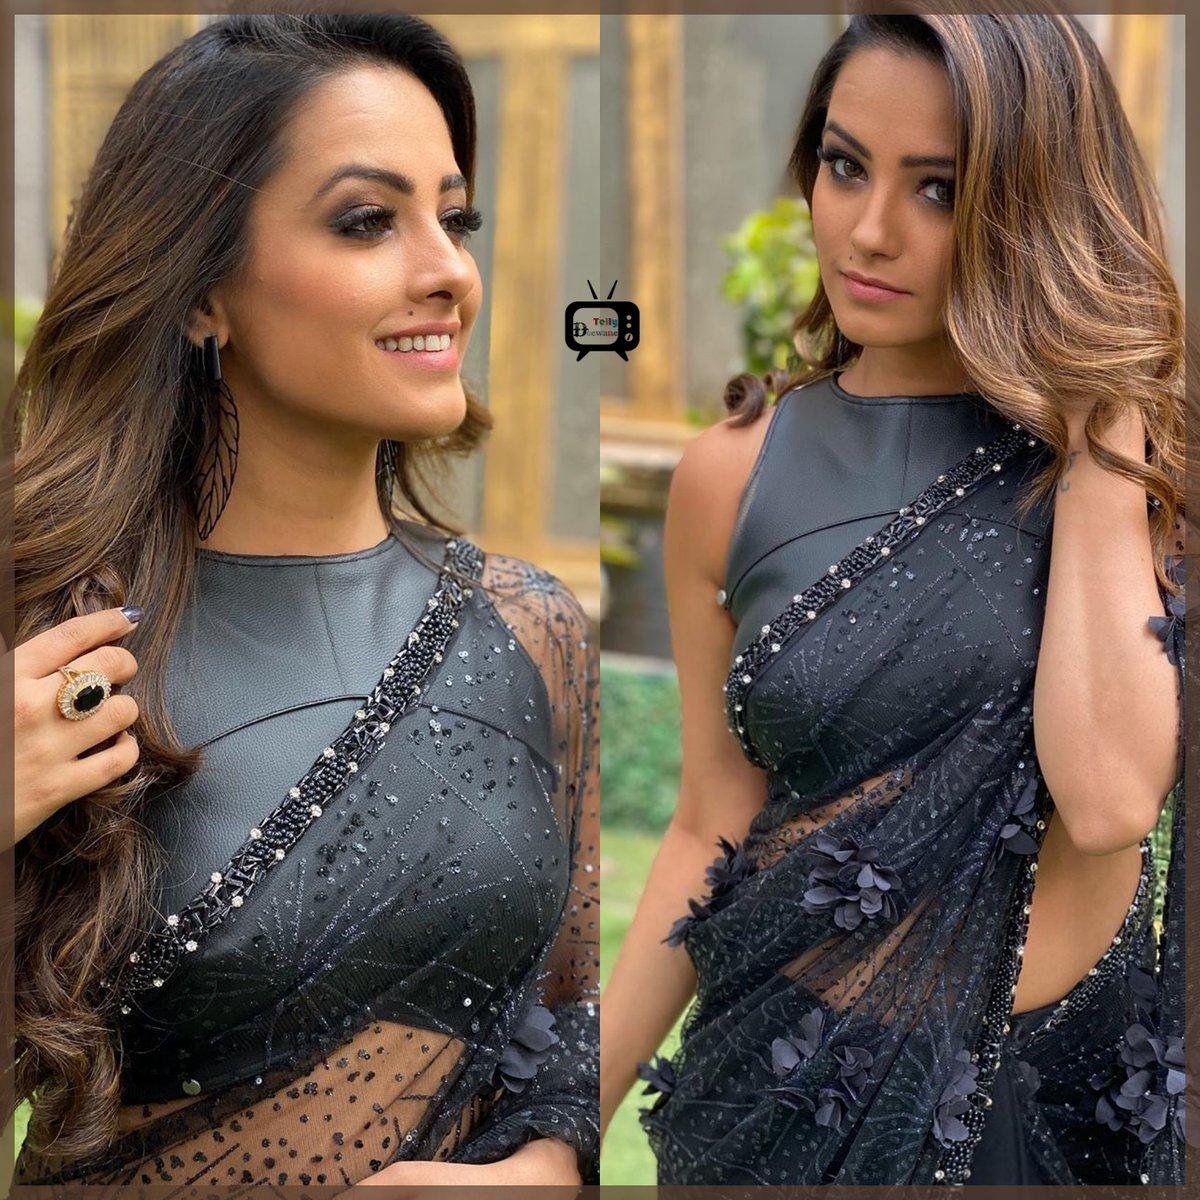 Gorgeous Anita Hassanandani #AnitaHassanandani #Naagin4  #AnitaHassanandaniReddy #Vishaka #Vish  #Naagin3 #Shagun #YHM  @TellyDeewanepic.twitter.com/CH0XsuUyXA